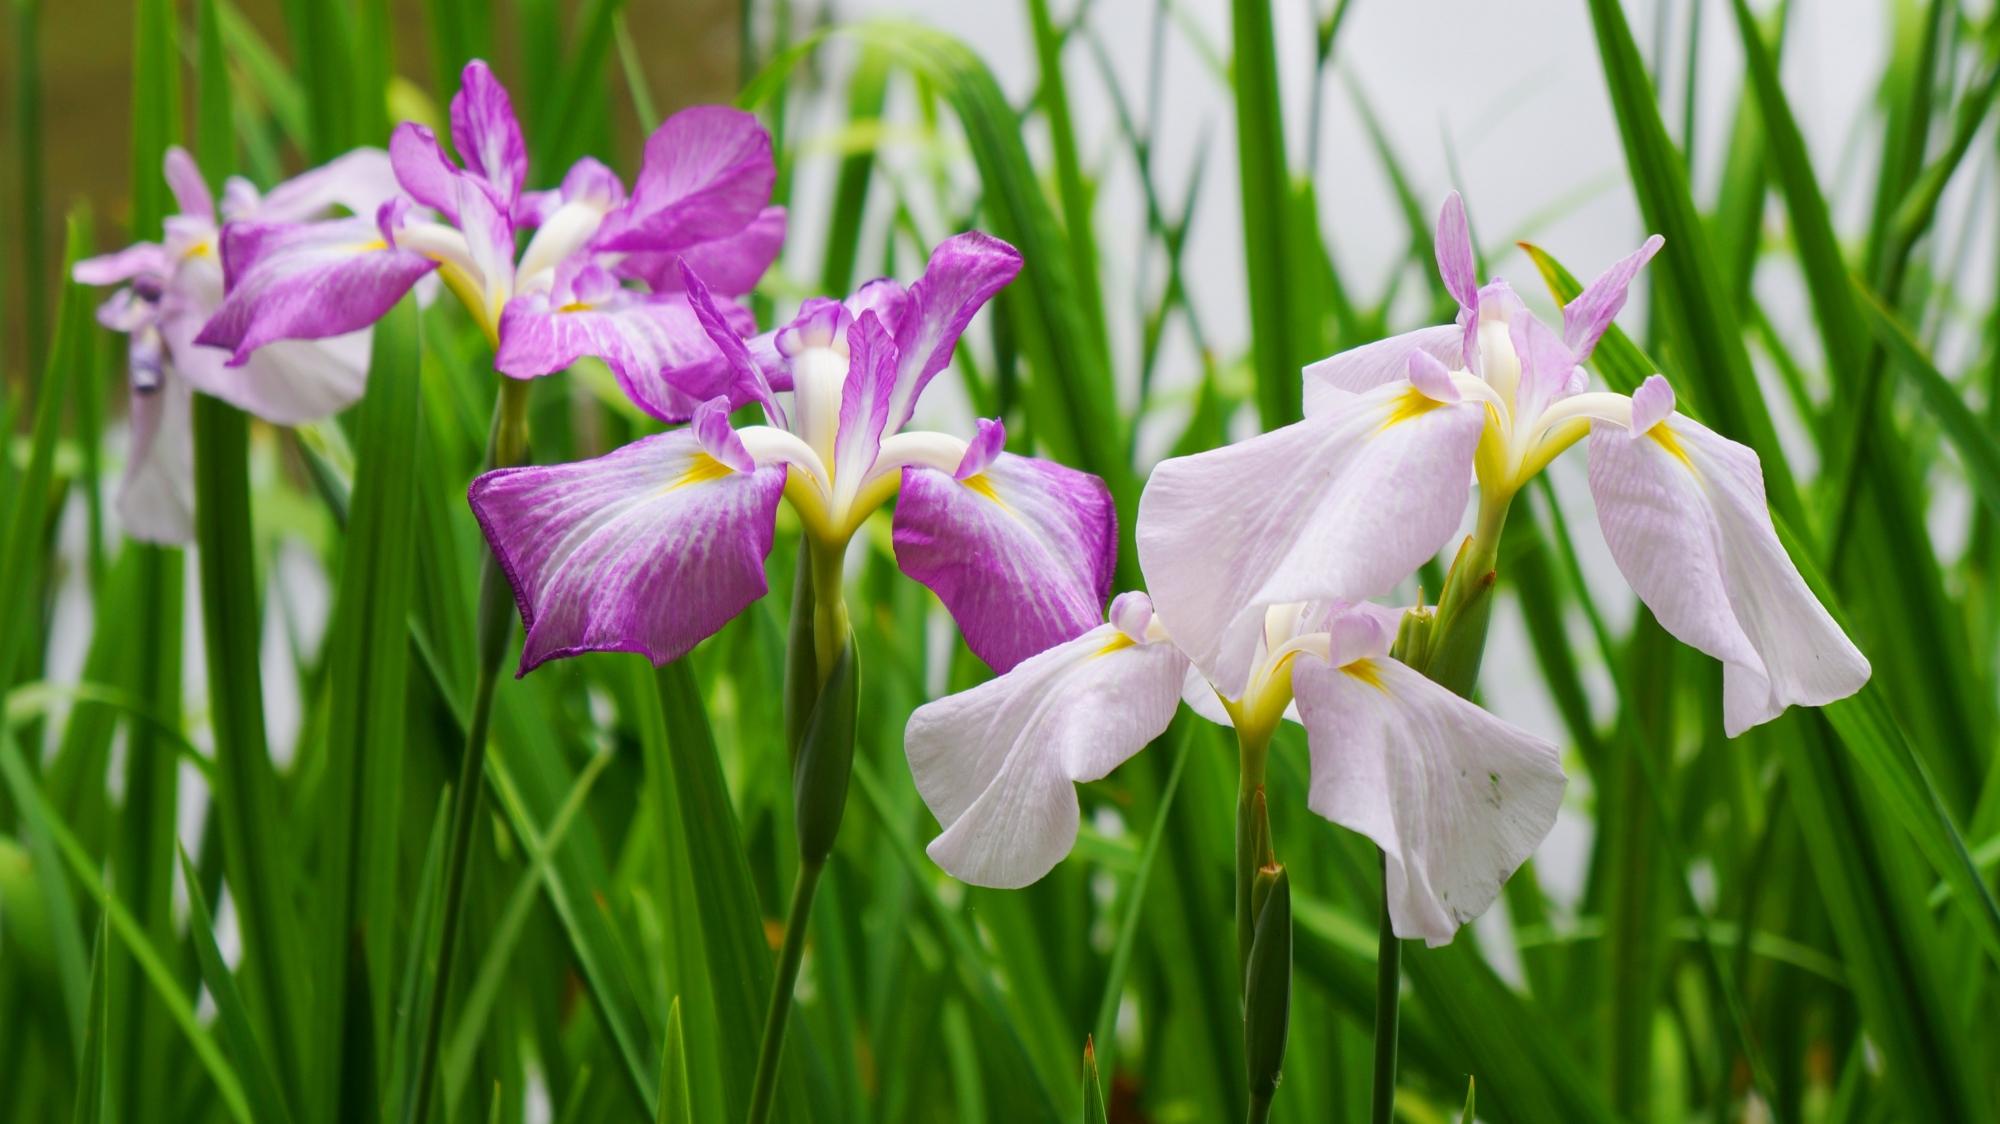 はなしょうぶの名所の平安神宮神苑に咲く見ごろの華やかな花菖蒲